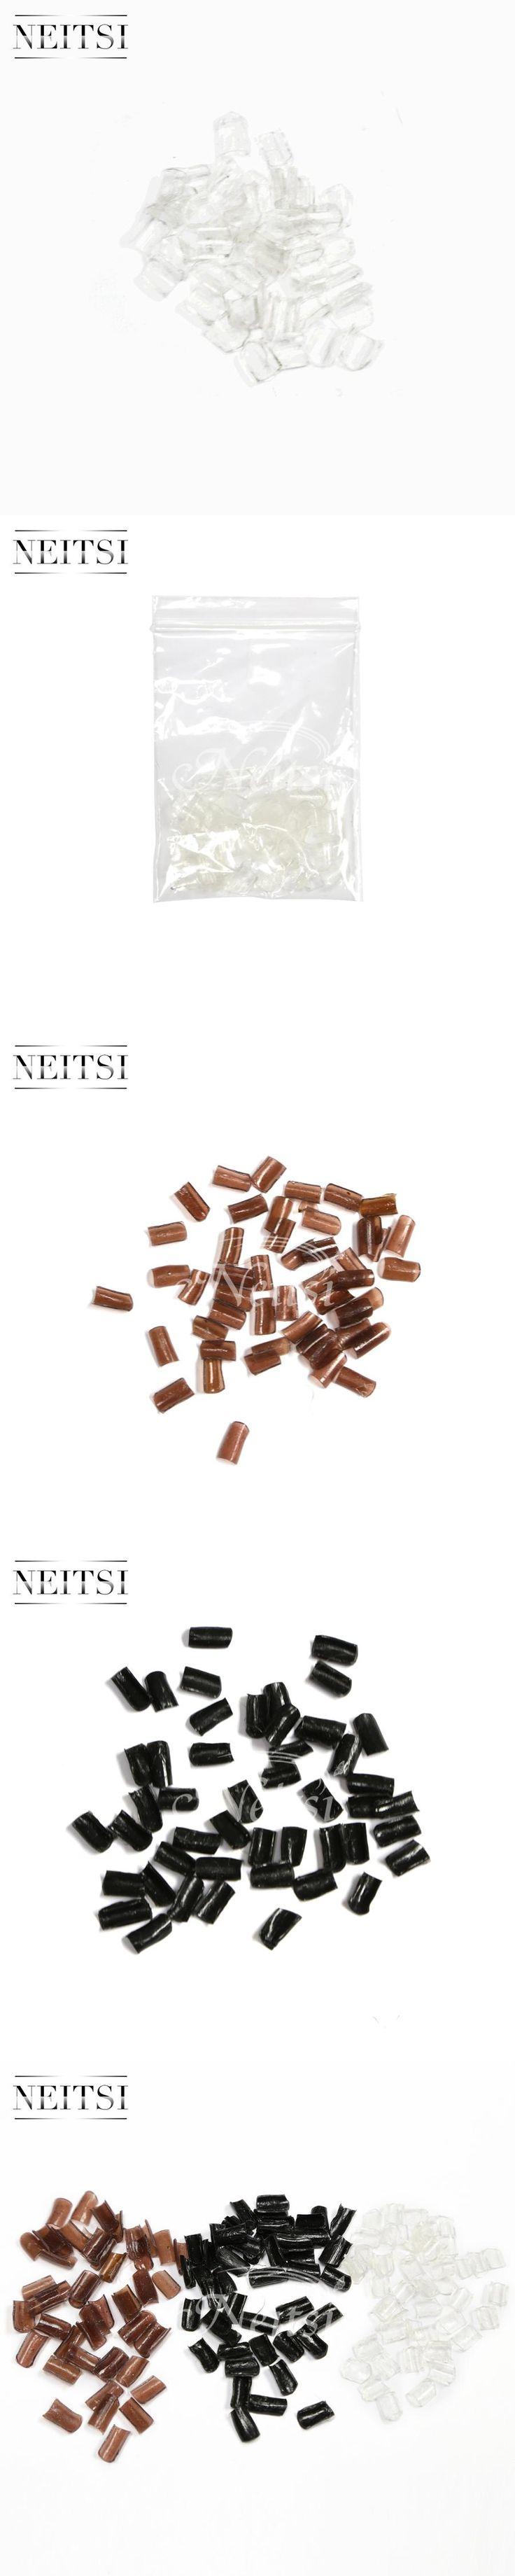 Neitsi Super Nail Keratin Glue Stick Nail Tip Keratin U-Shaped For Fusion Keratin Nail Tip Hair Extension 50pcs/pack 3 Colors